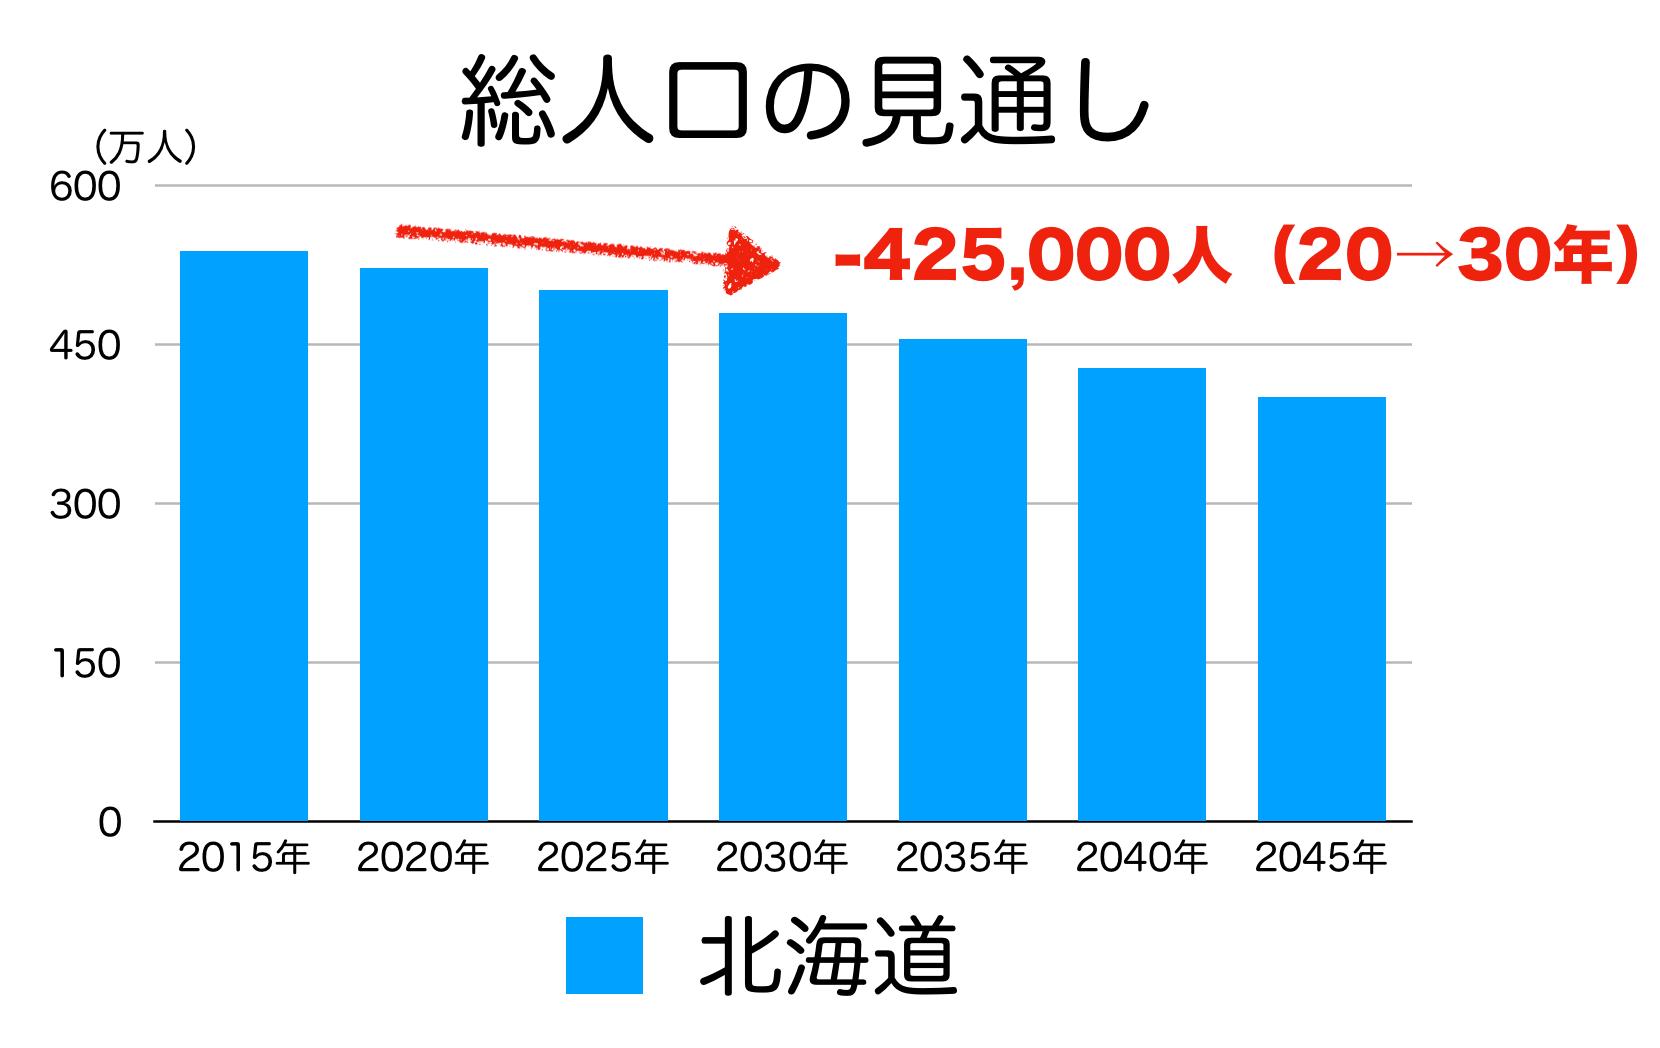 北海道の人口予測